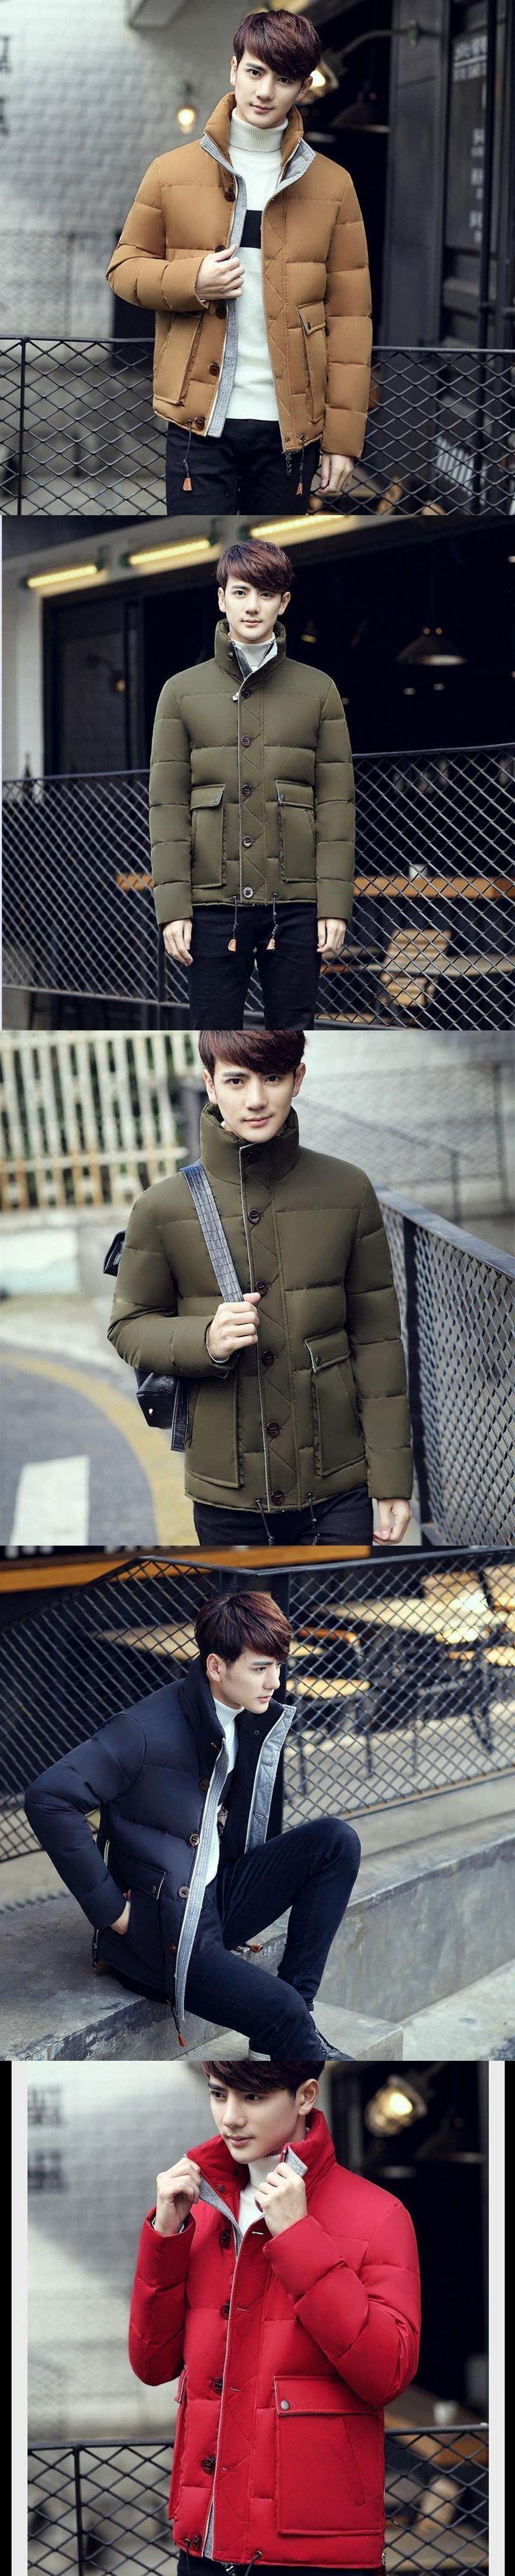 2016 New Winter Jacket Men Brand Men's Down Jackets Coat Winter Jackets Mens Thicken Warm Outwear For Men Streetwear Male Coat